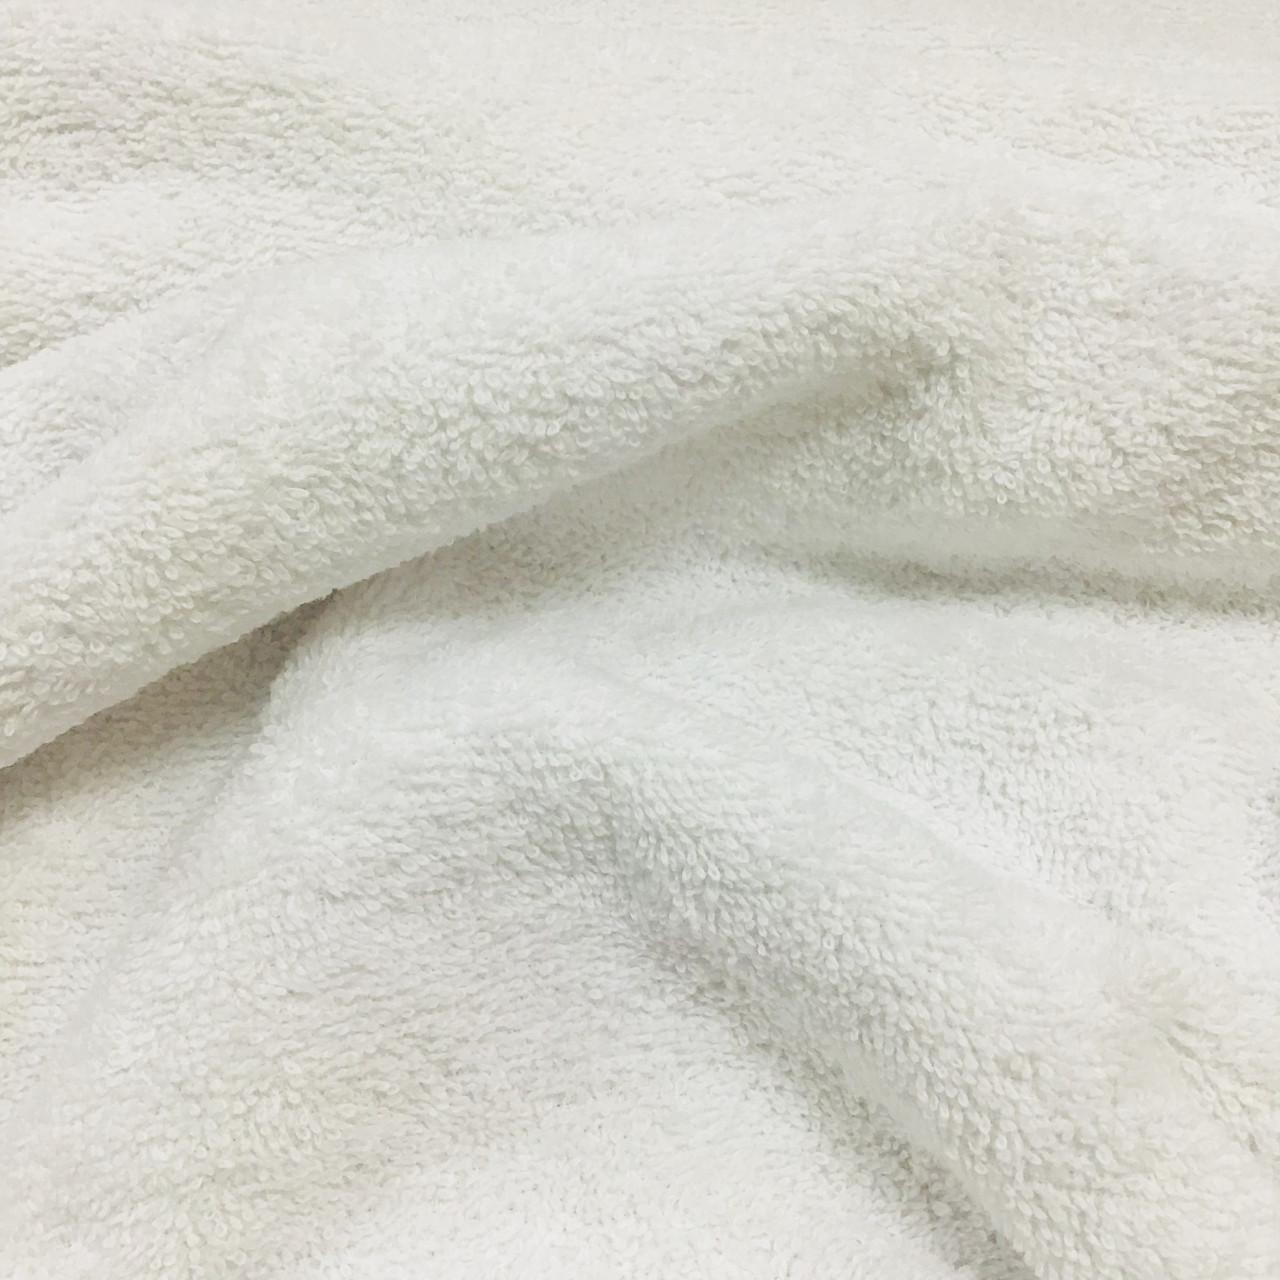 Махровая ткань двухсторонняя премиум, белого цвета (480 г/м.кв), 100% хлопок